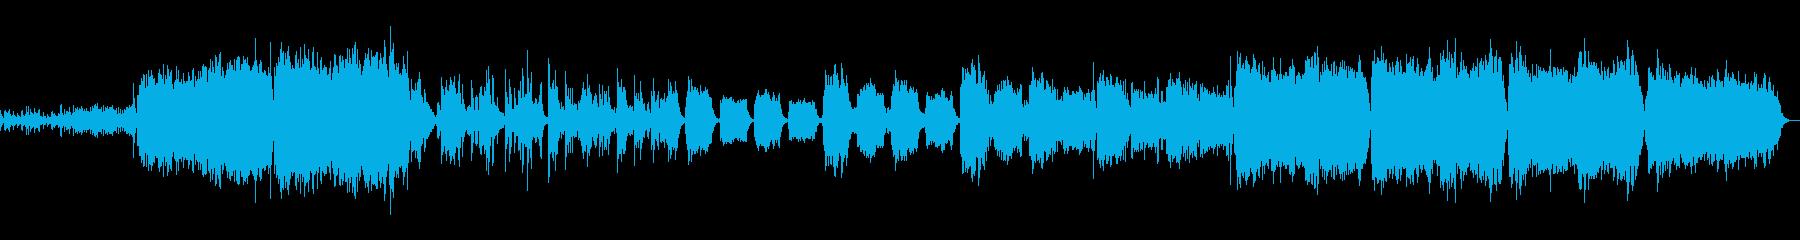 不穏なことが起きていきそうなオケ曲の再生済みの波形